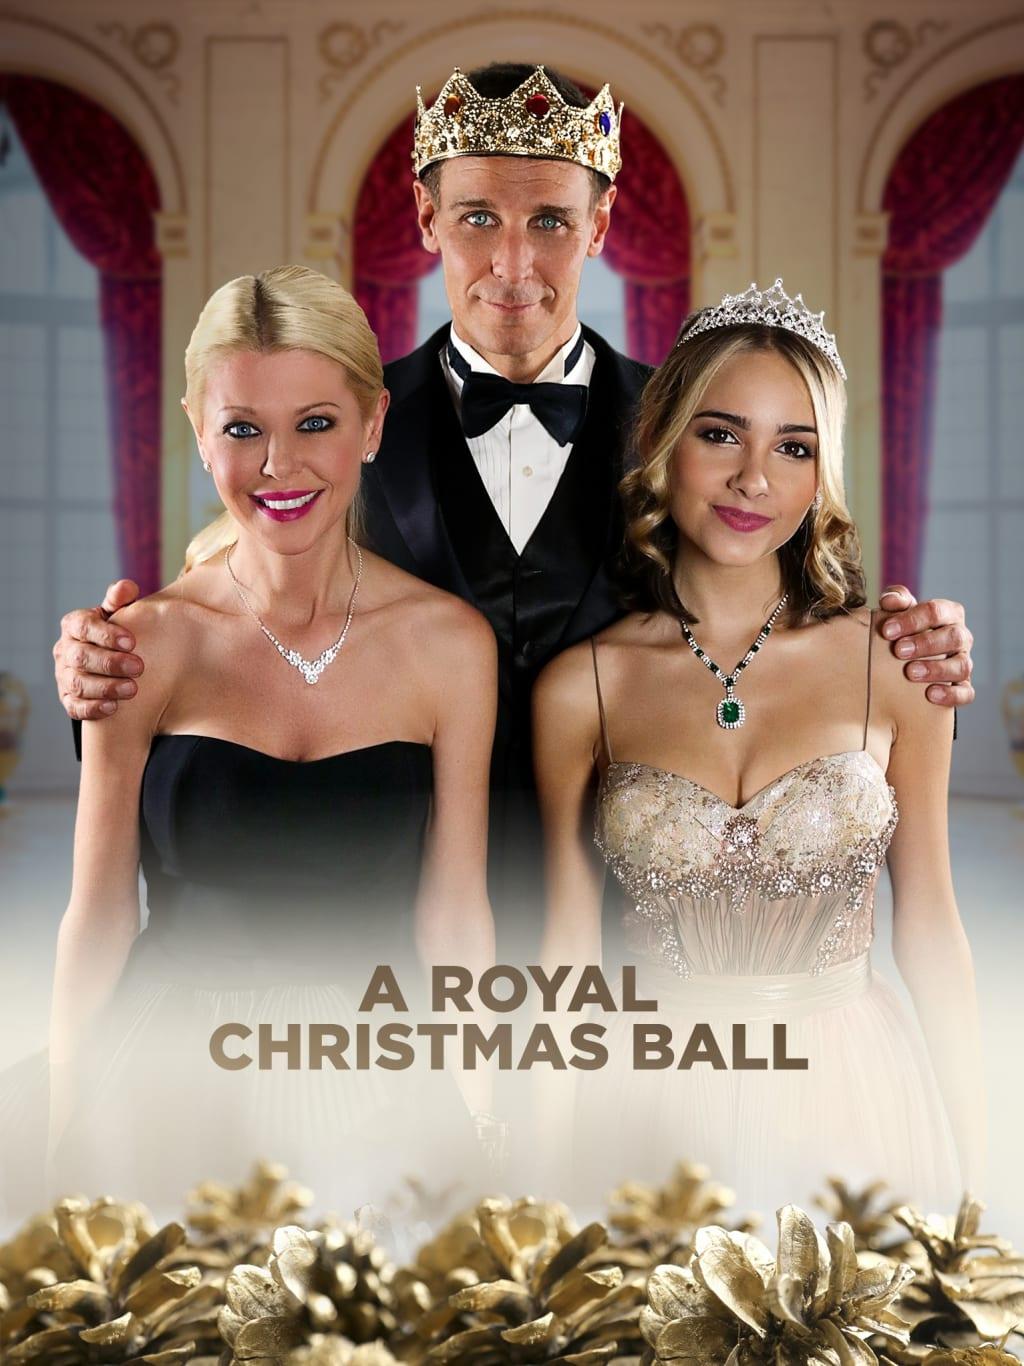 A Royal Christmas Ball.Hallmark Ian Review A Royal Christmas Ball